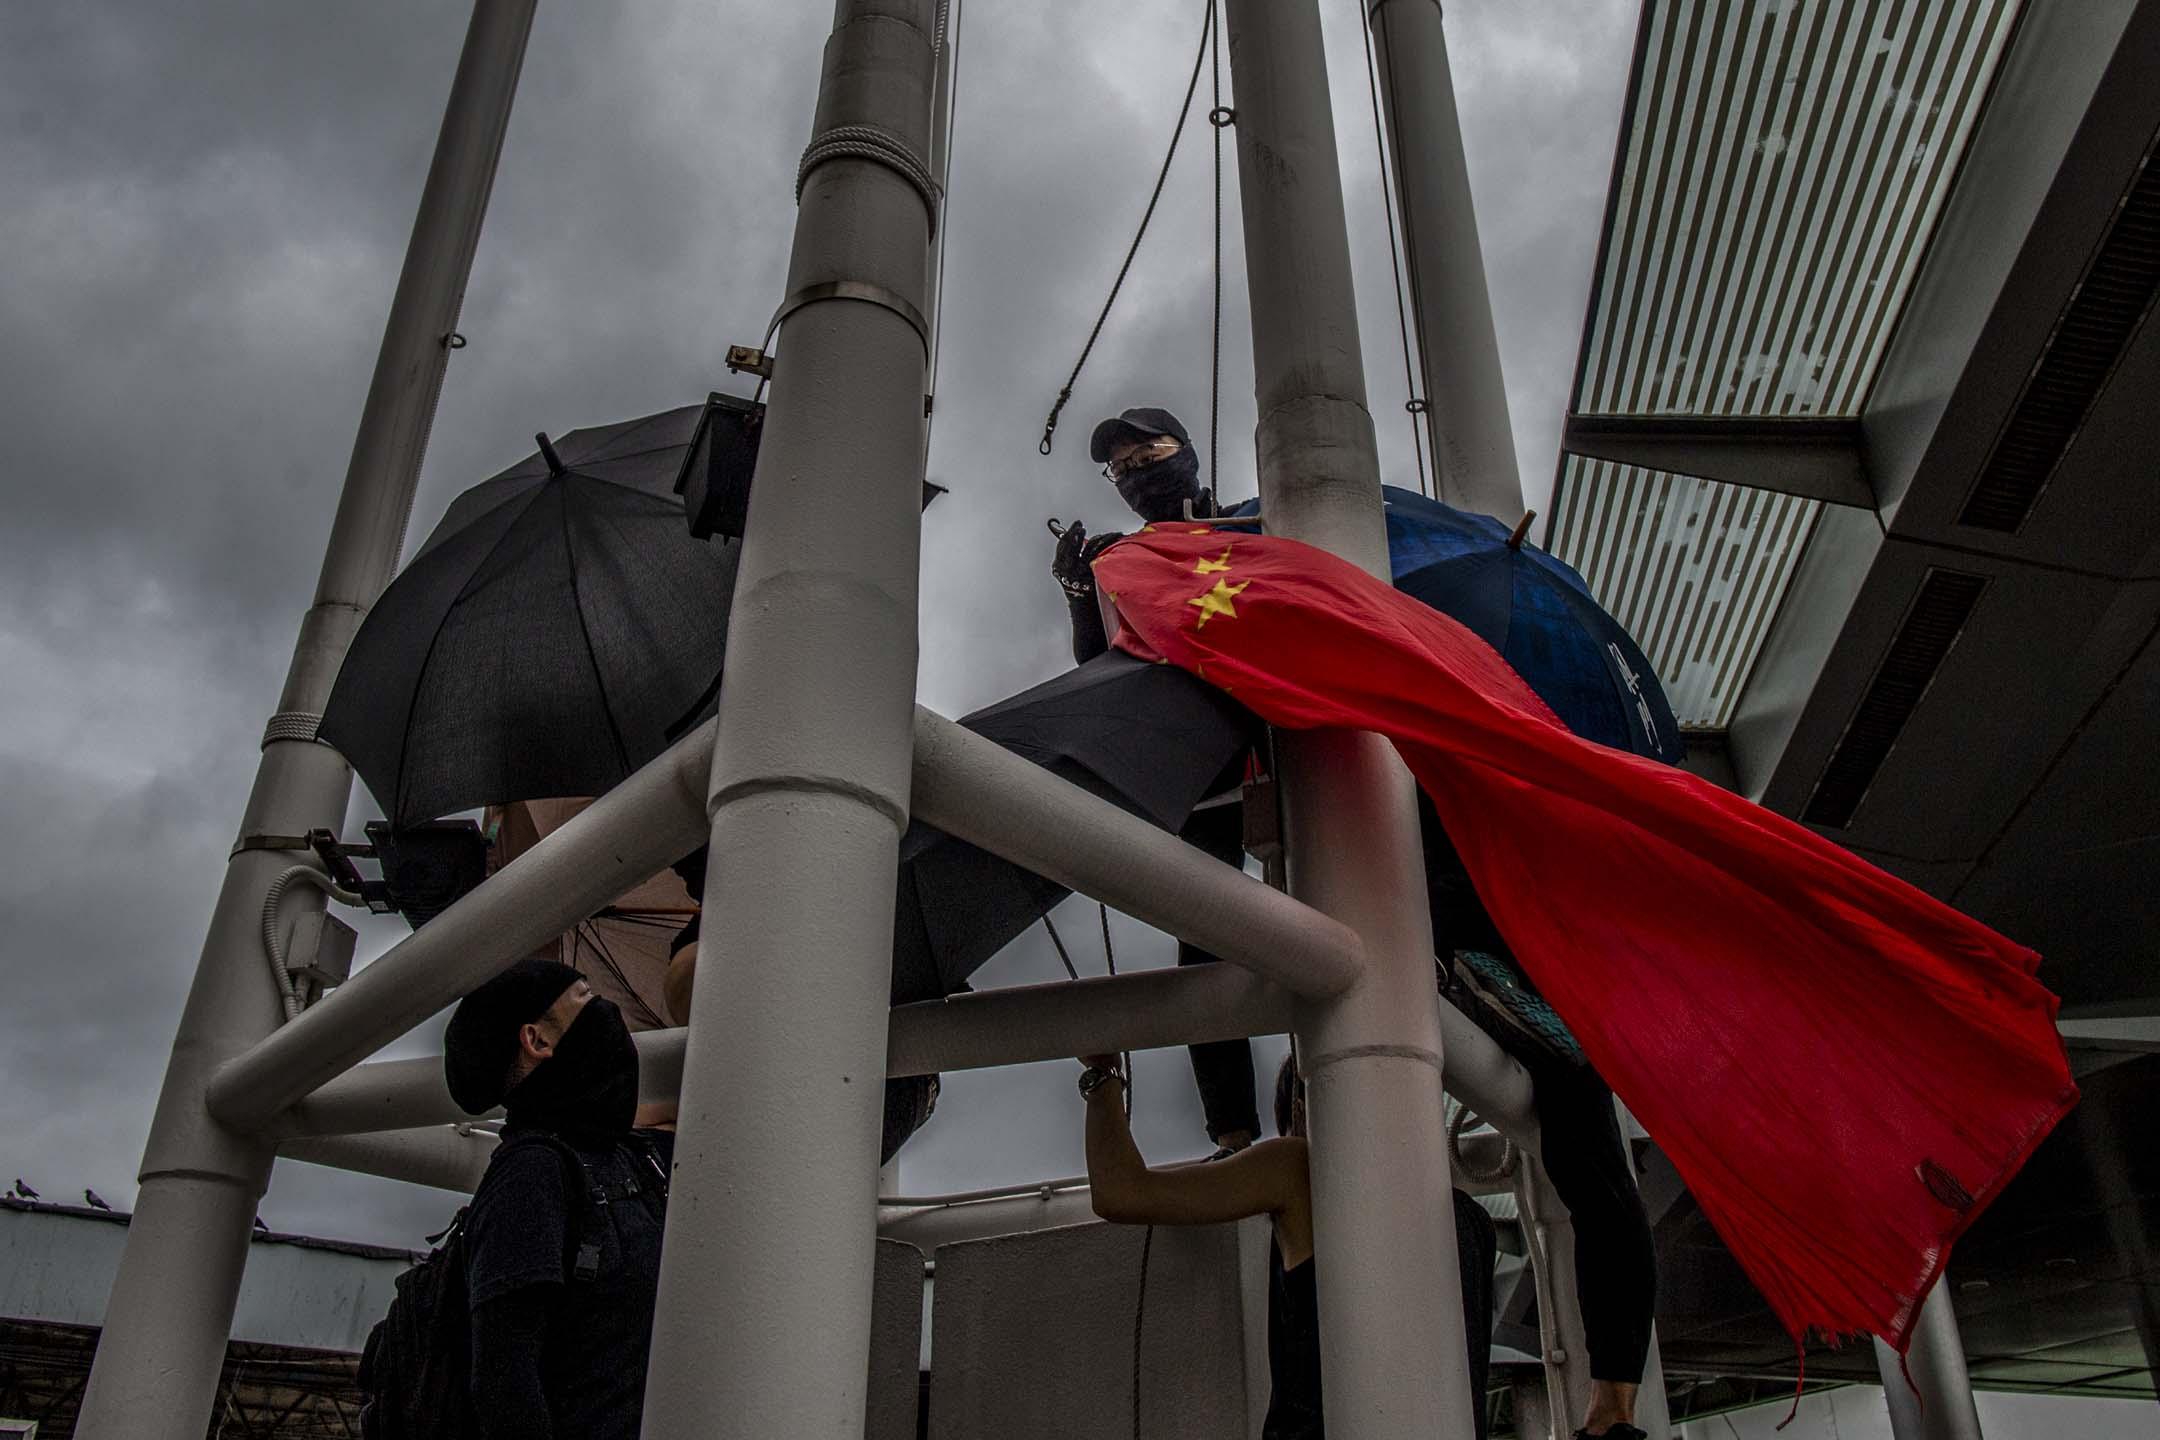 2019年8月3日,示威者在尖沙咀天星碼頭拆下國旗。 攝:林振東/端傳媒